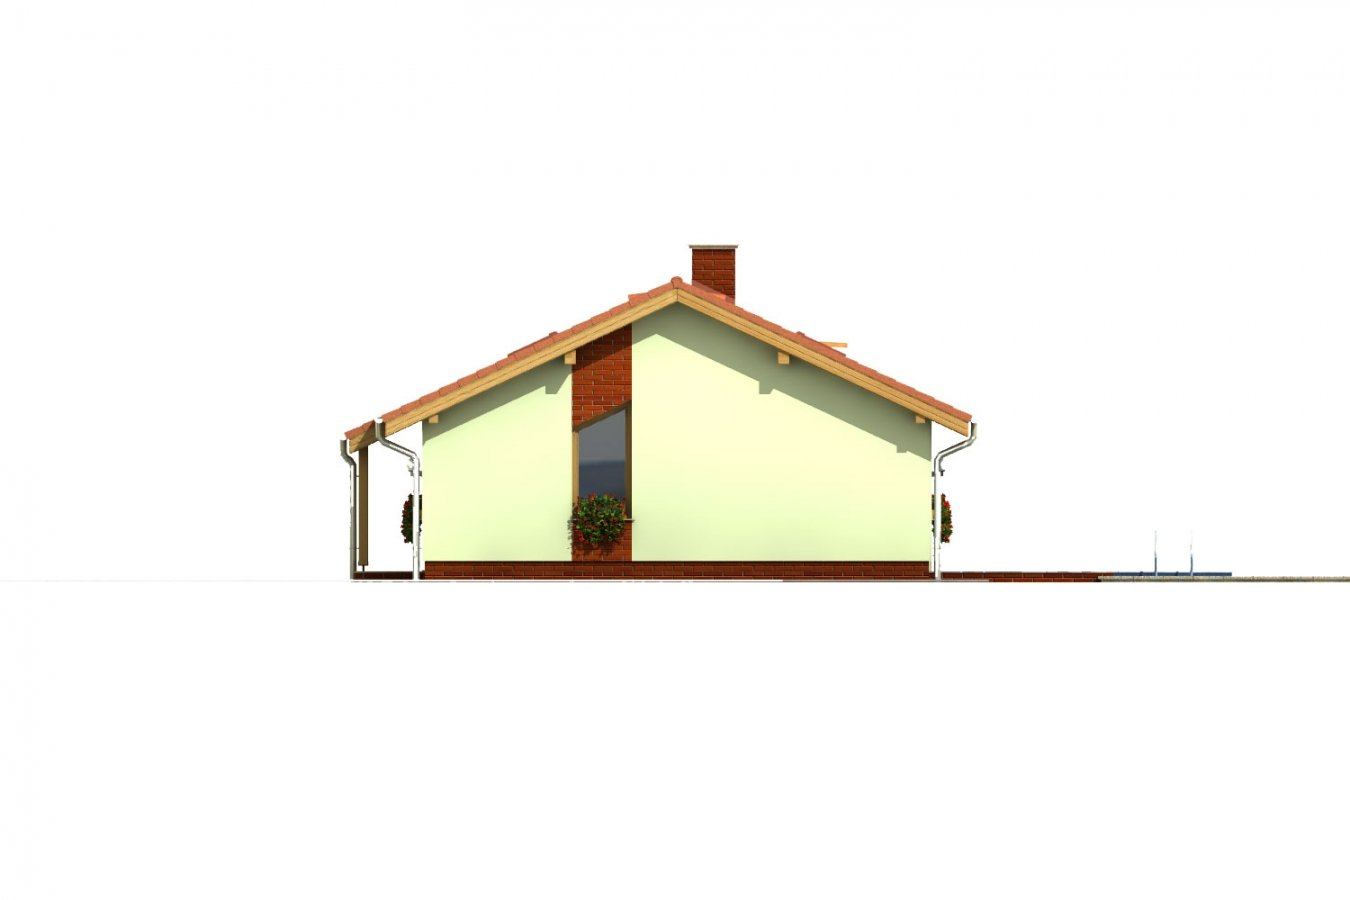 Pohľad 3. - Úzky rodinný dom s prekrytou terasou, spracovaný v 3d realite.